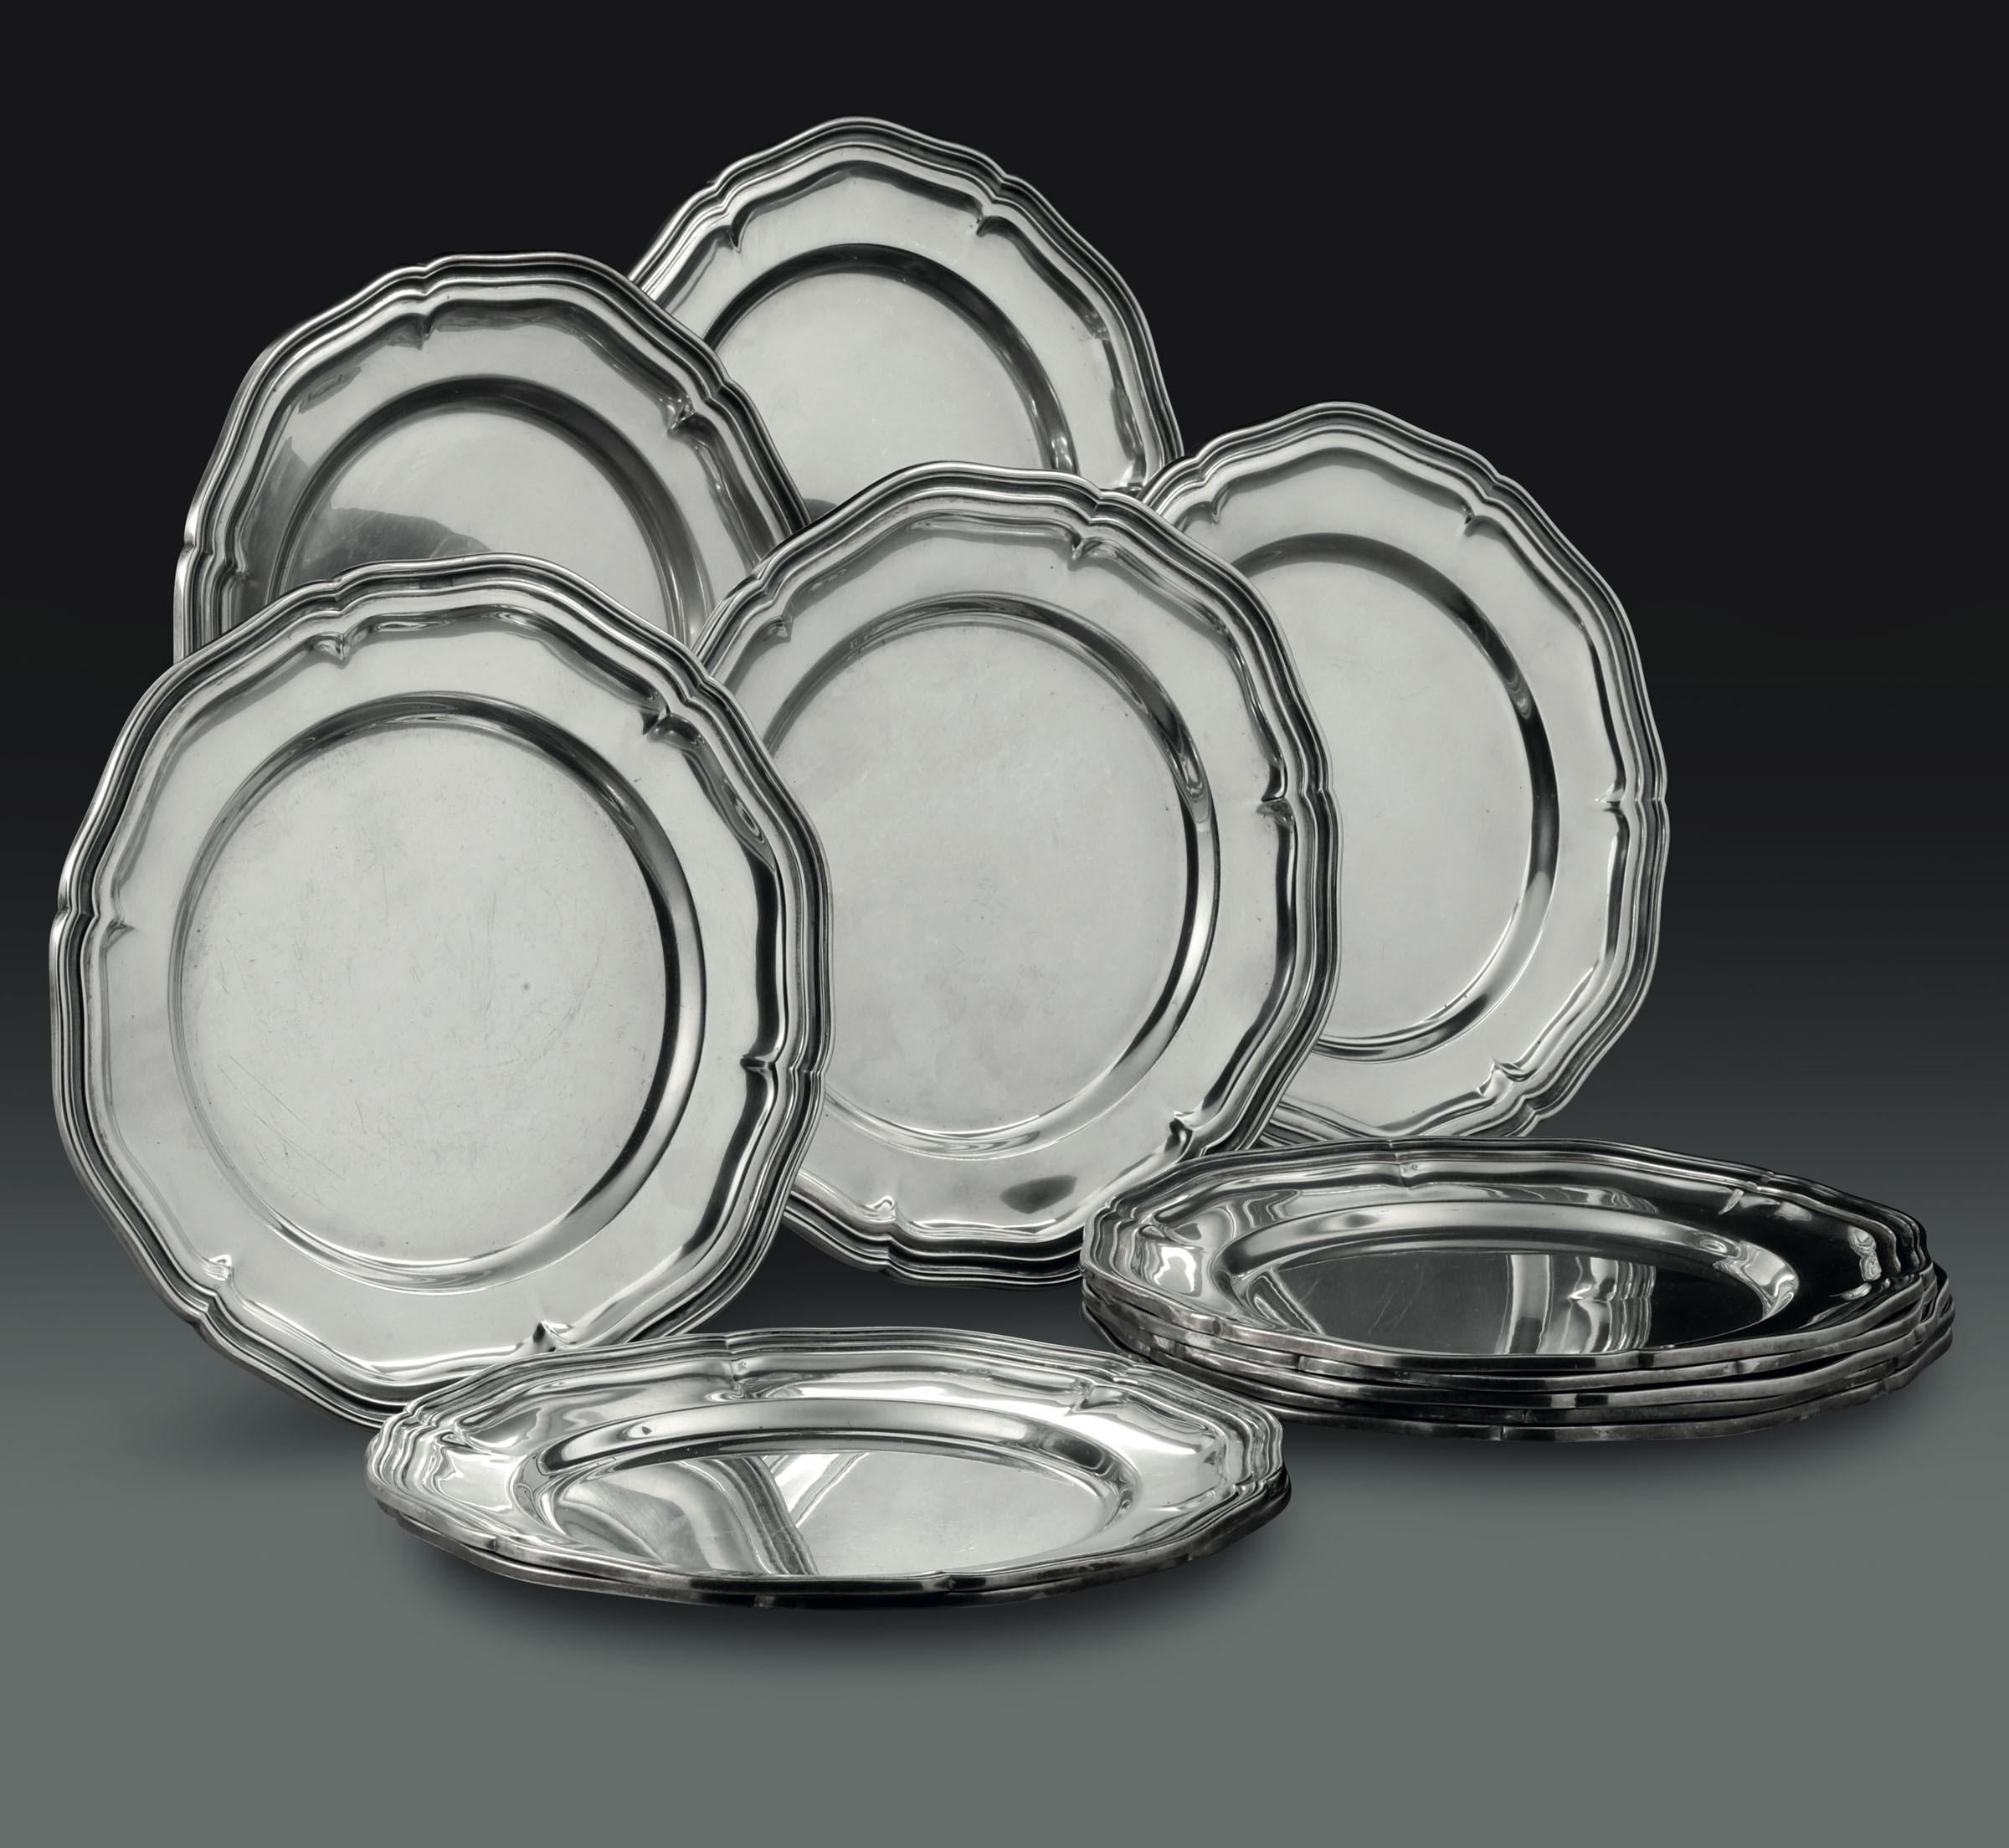 Lot 35 - Dodici piattini in argento. Manifattura italiana del XX secolo, - - gr. 2740 [...]